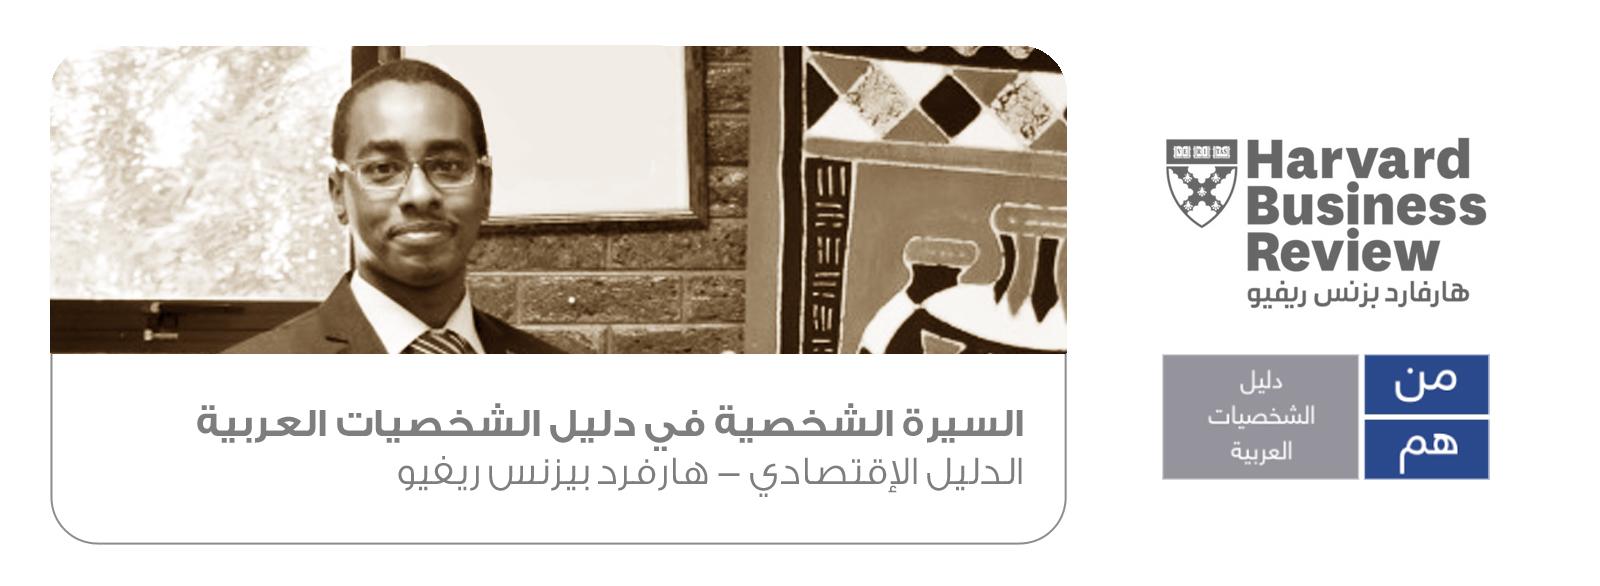 معالي السفير سعيد زكي في دليل الشخصيات العربية